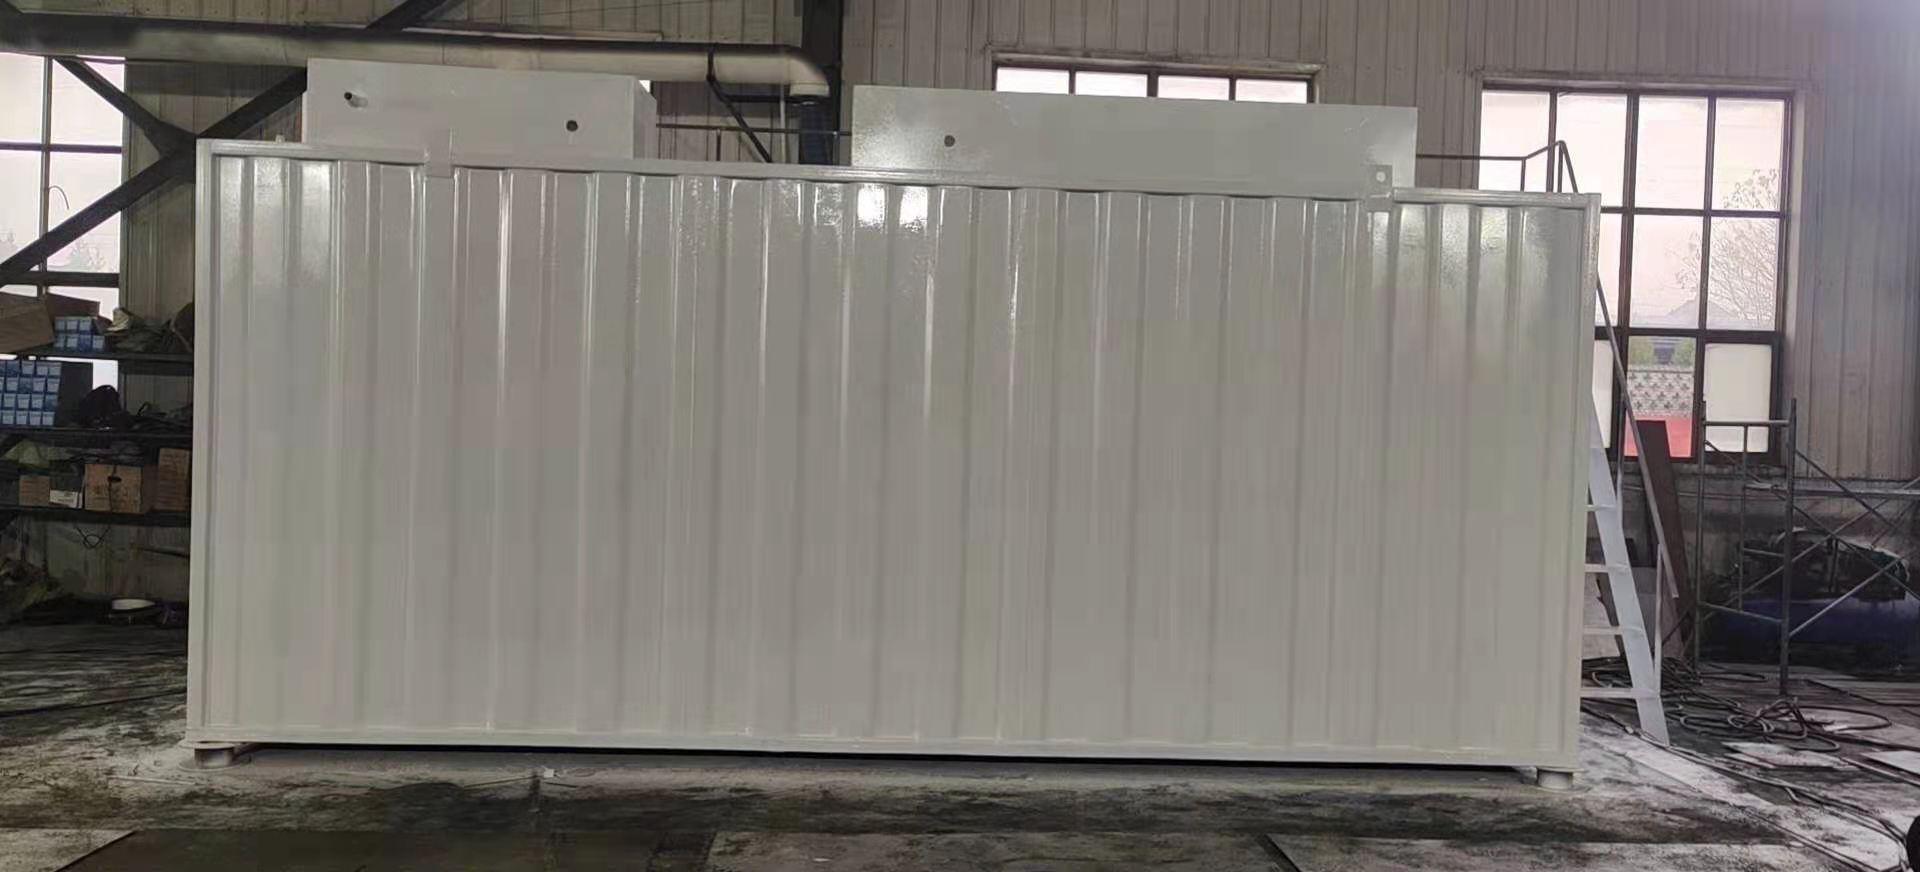 环保设备批发-贵州污水处理设备-江苏污水处理设备